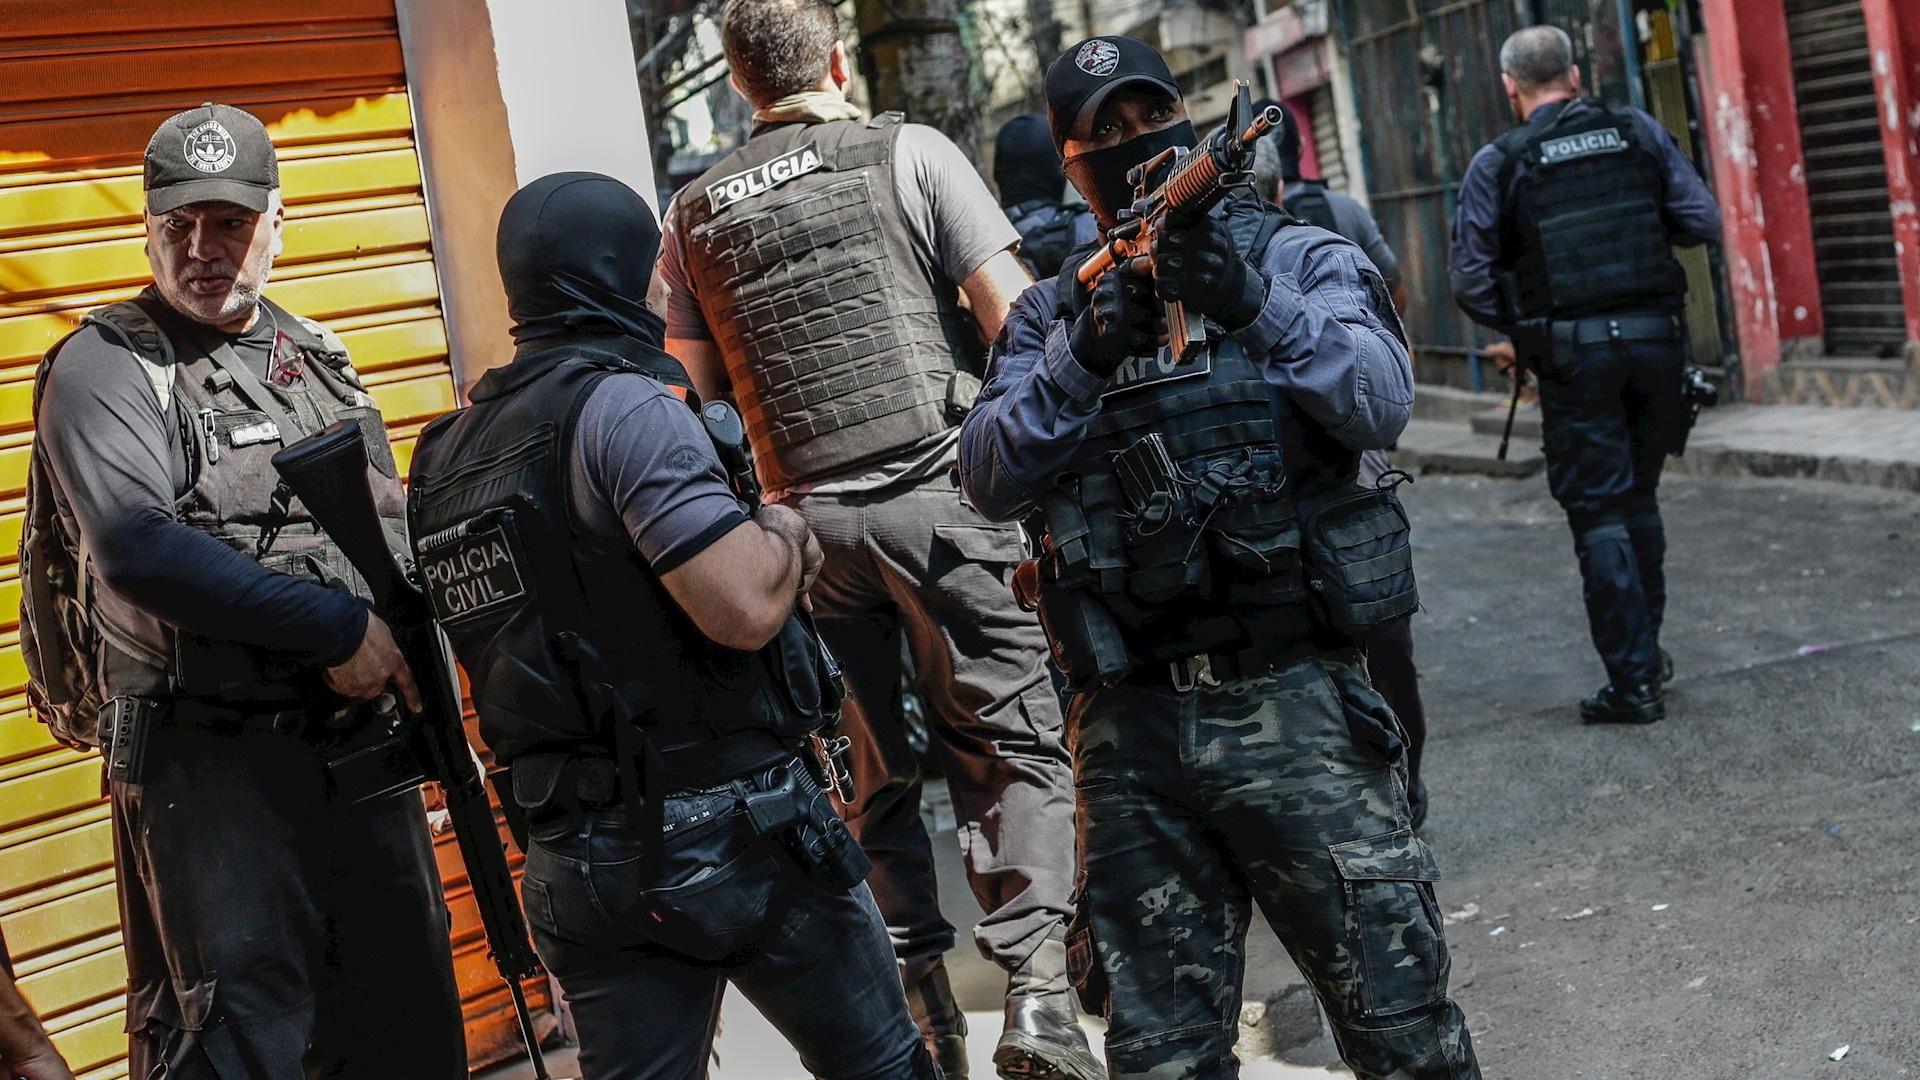 Brasil operativo masacre policías